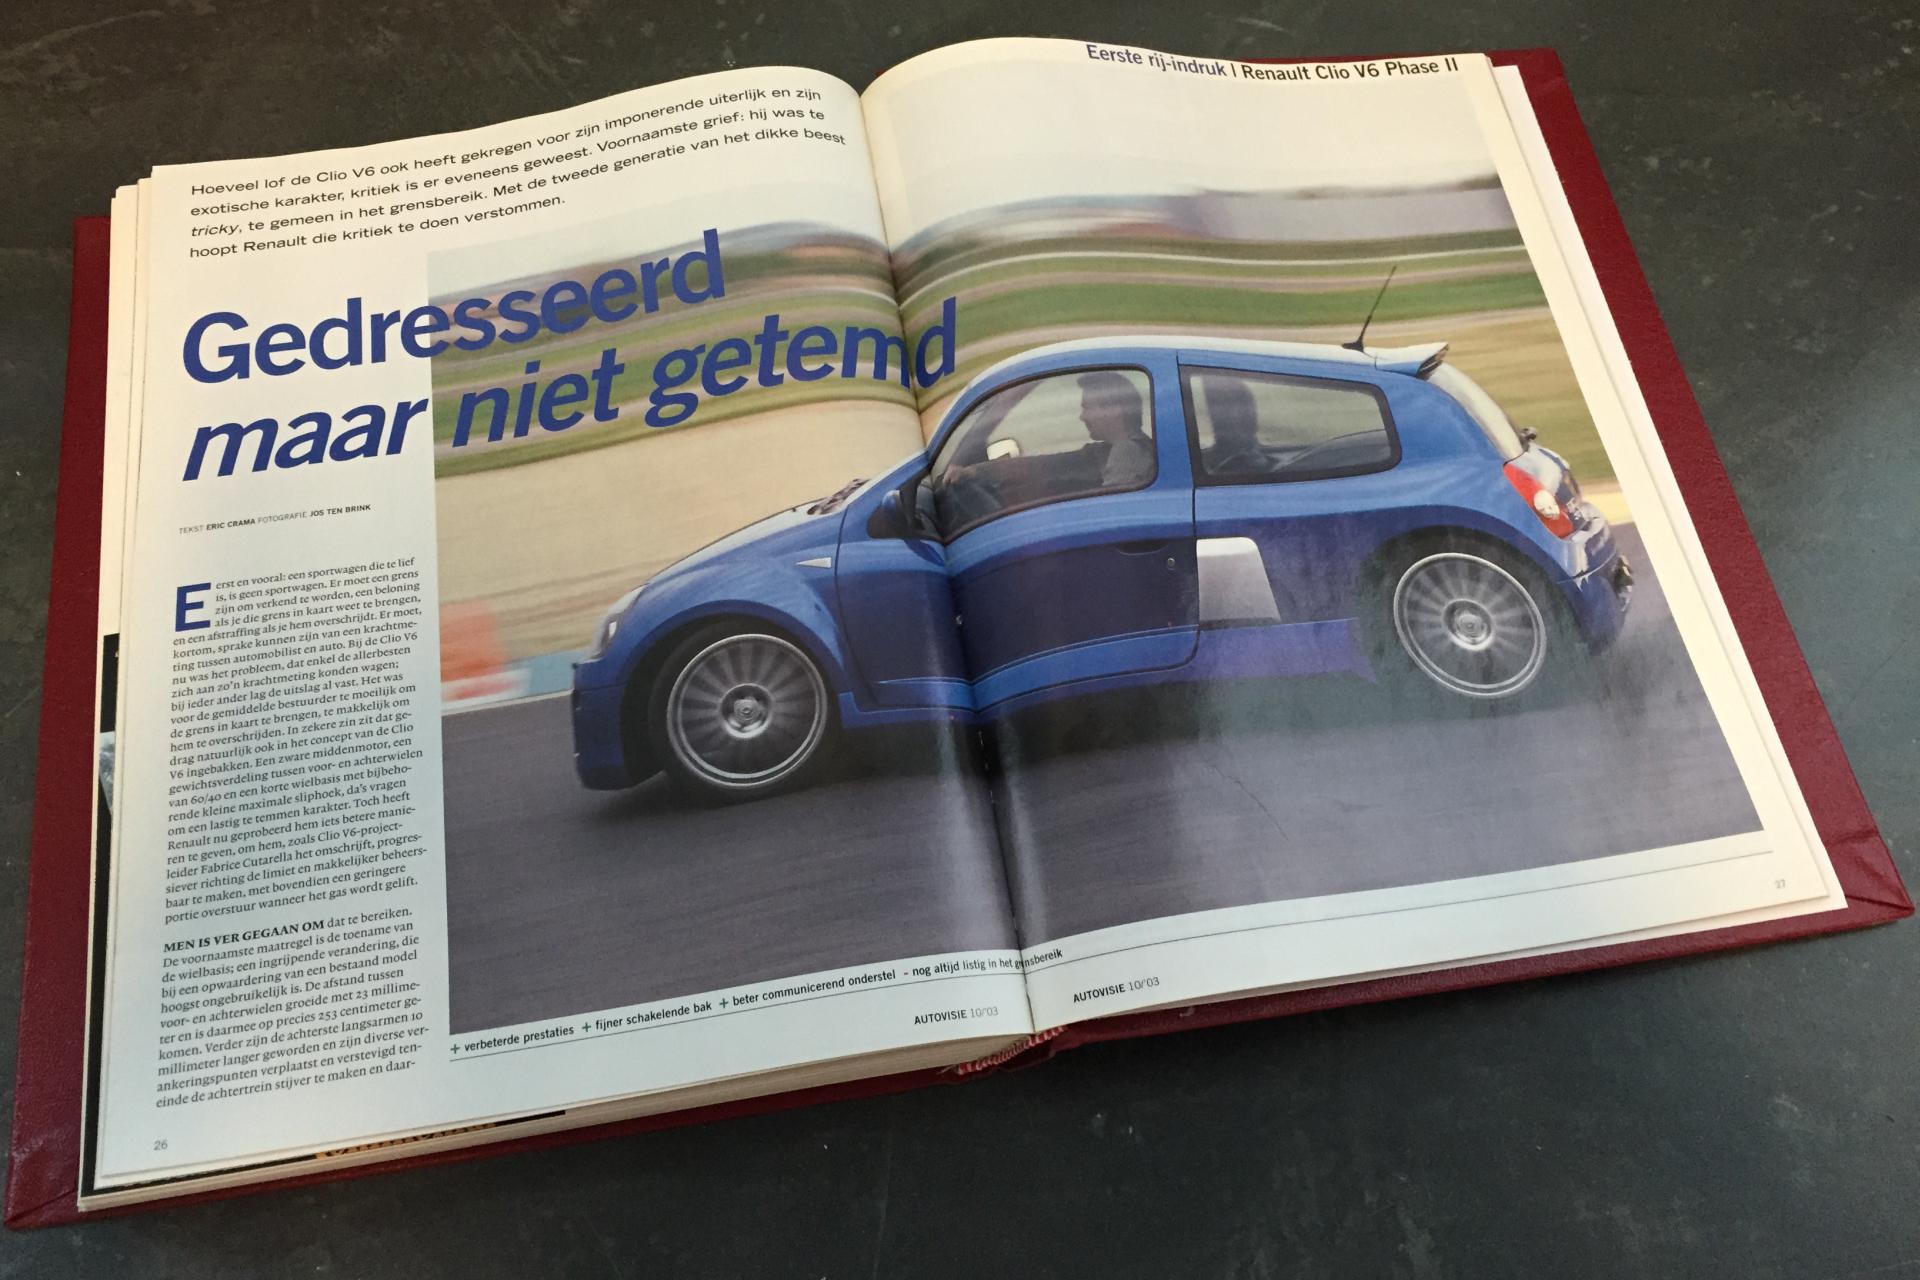 Rij-indruk Renault Clio V6, Autovisie 10, 2003